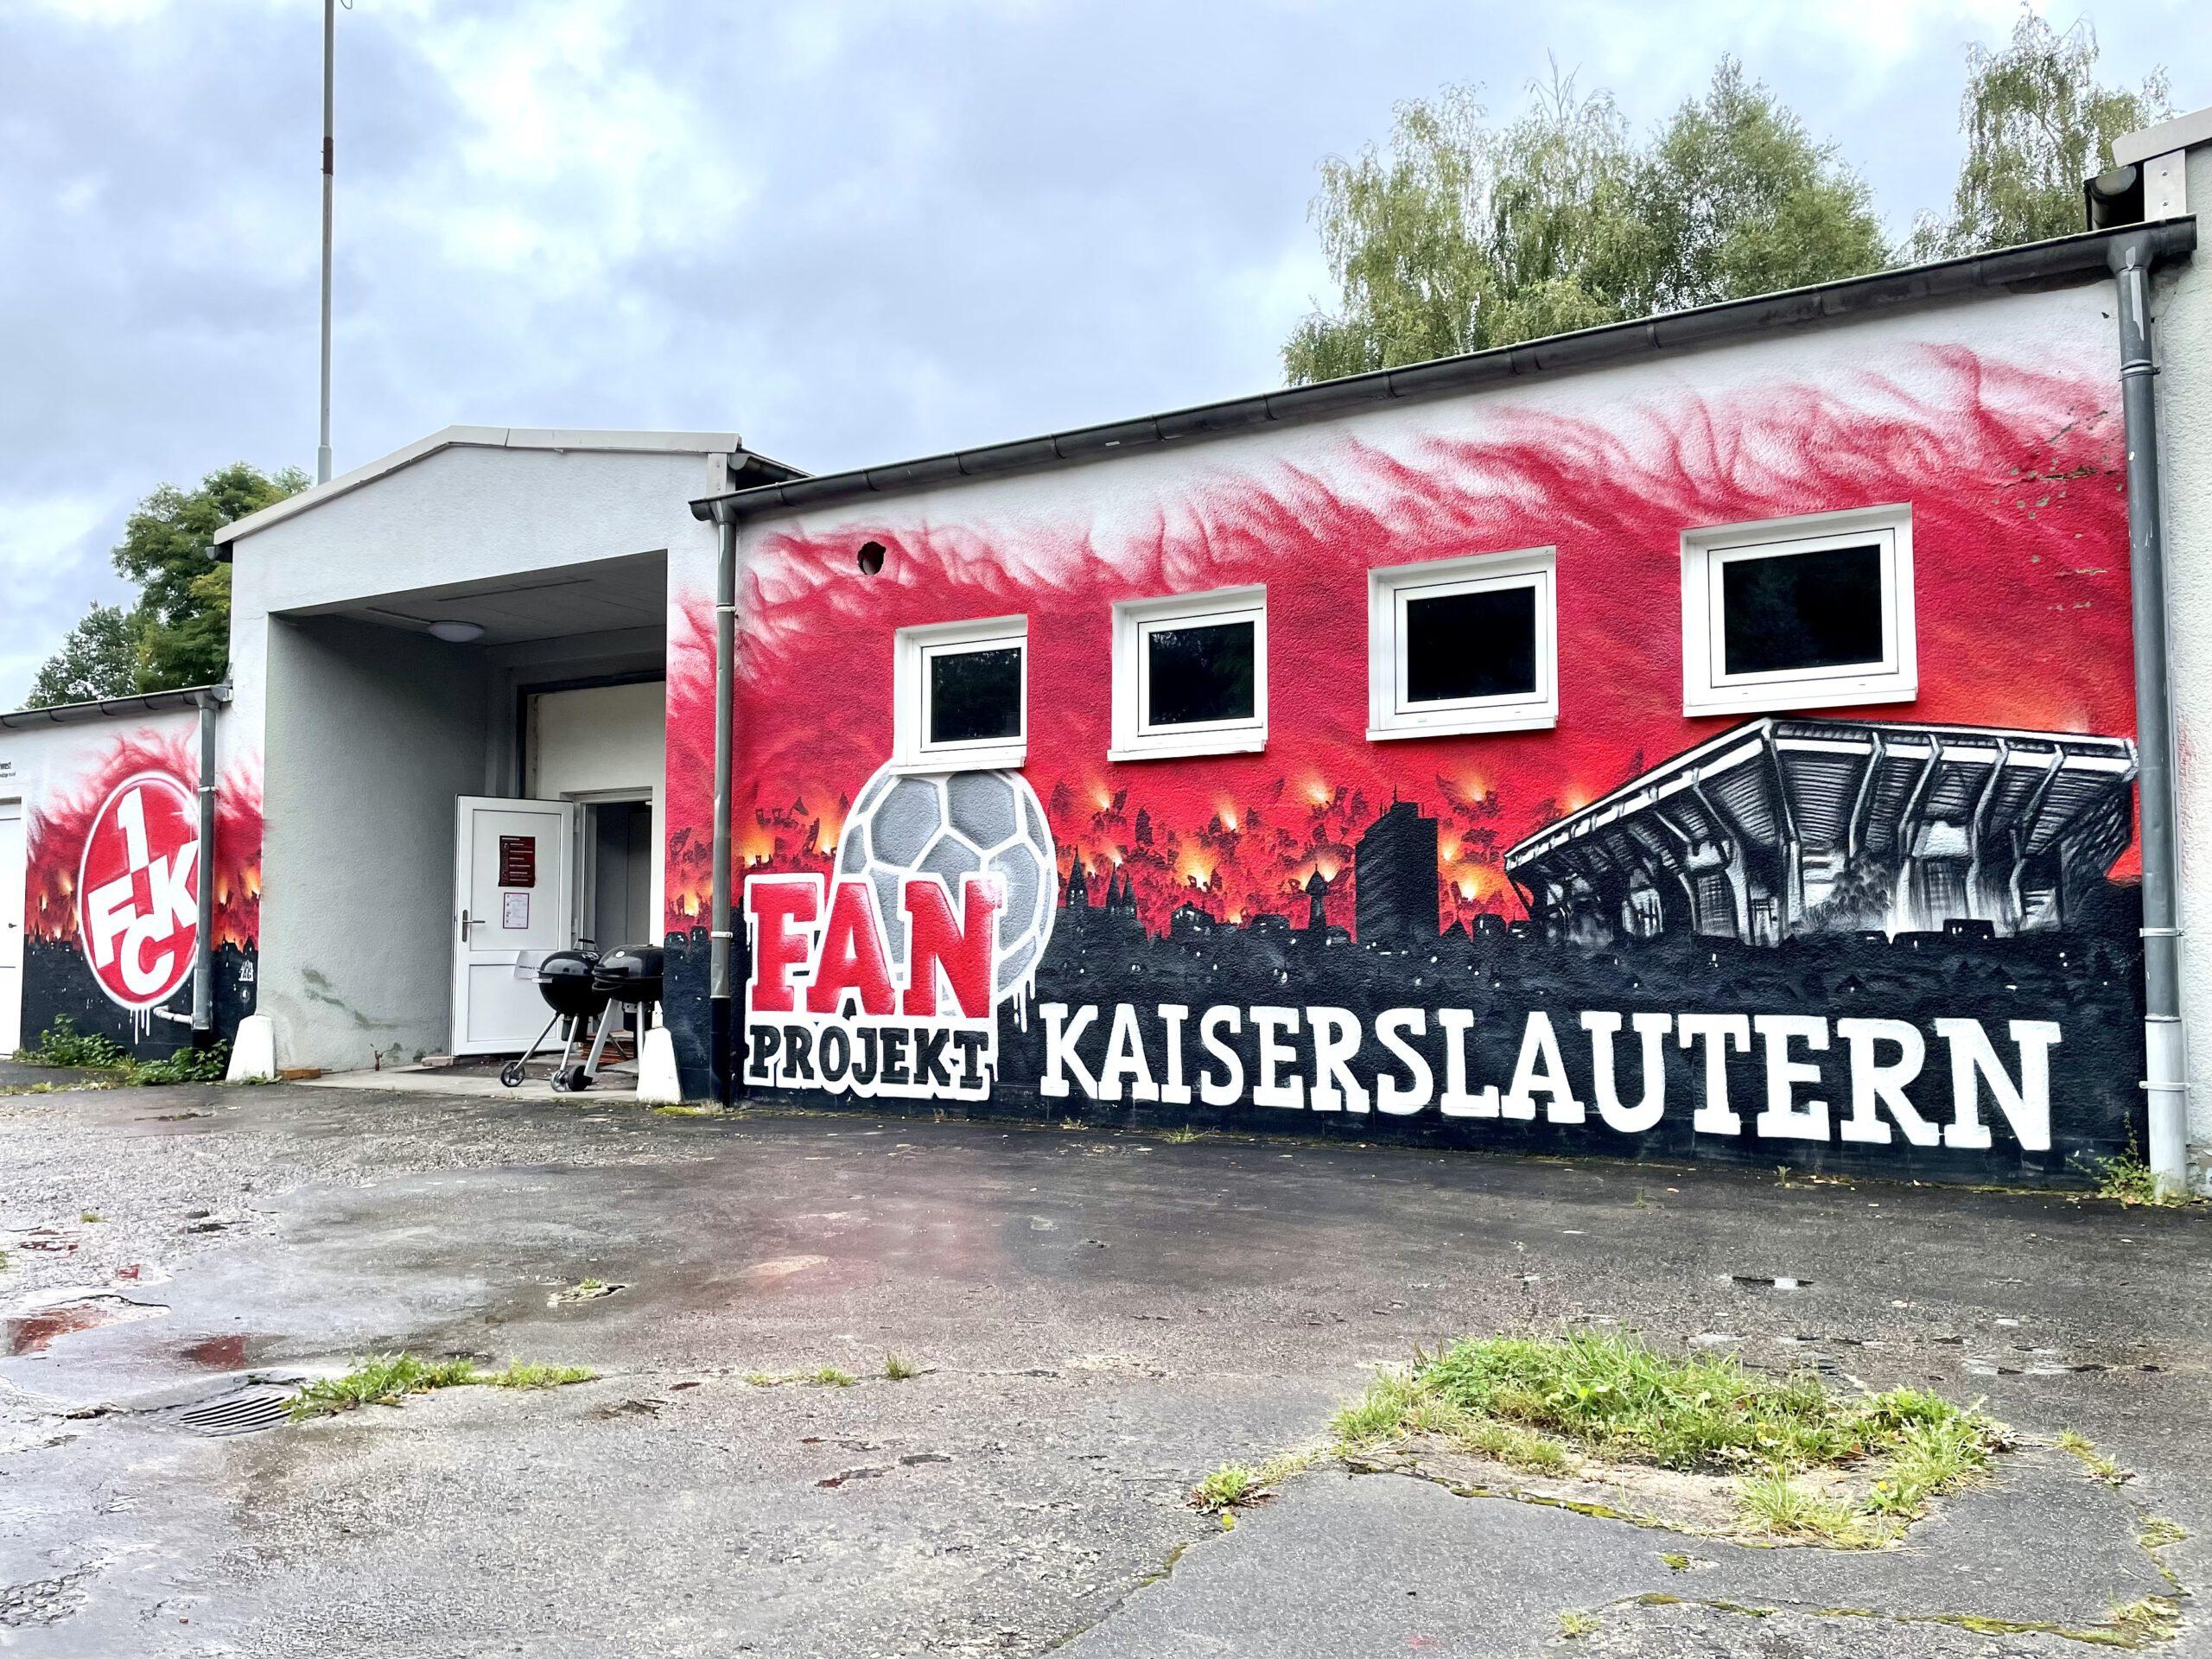 https://www.fanprojekt-kl.de/wp-content/uploads/2021/09/Kartoffelhalle-scaled.jpg